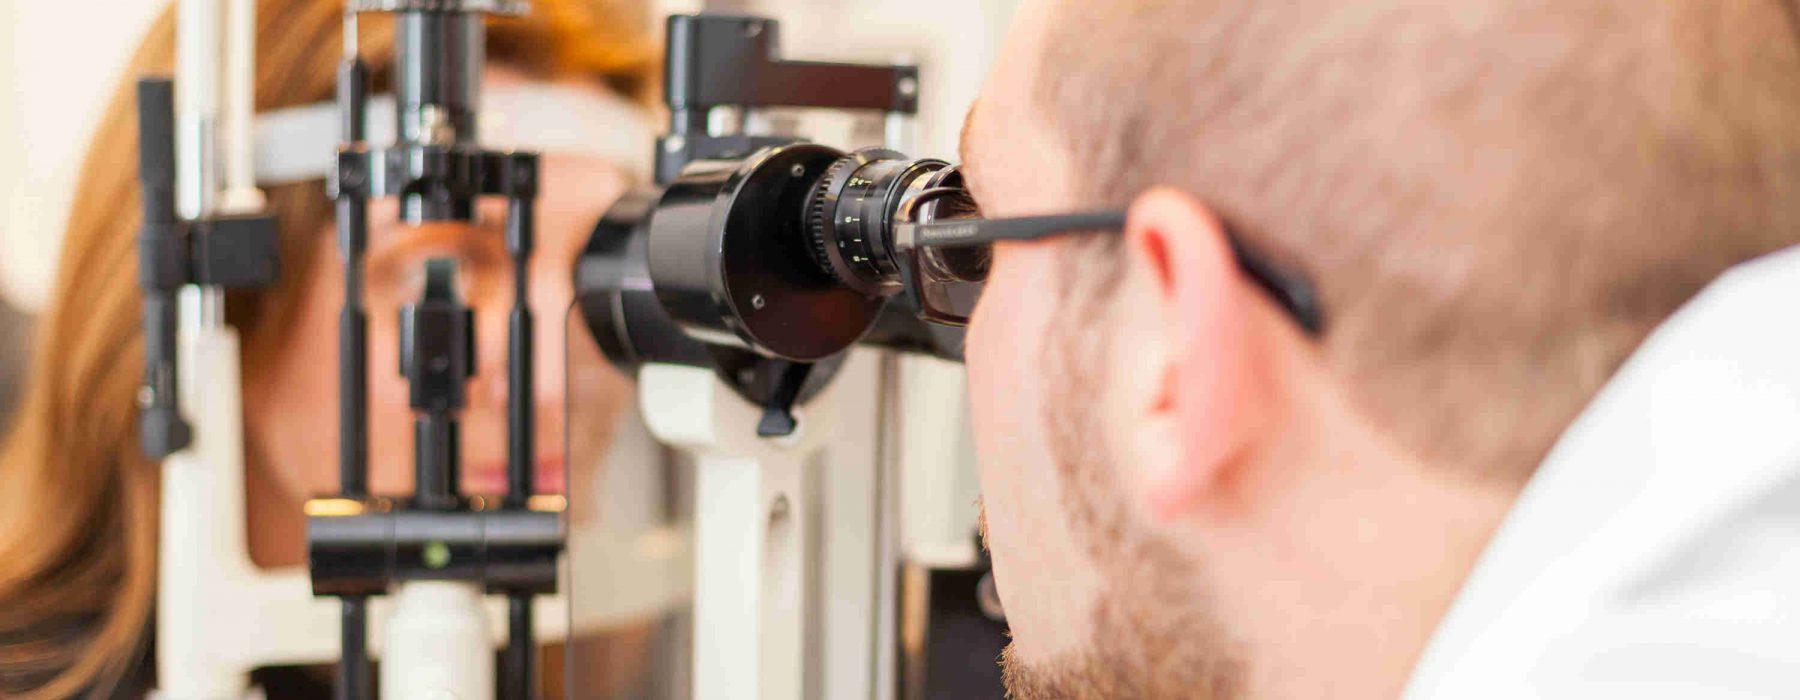 Controles oftalmológicos periódicos, ¿son necesarios?